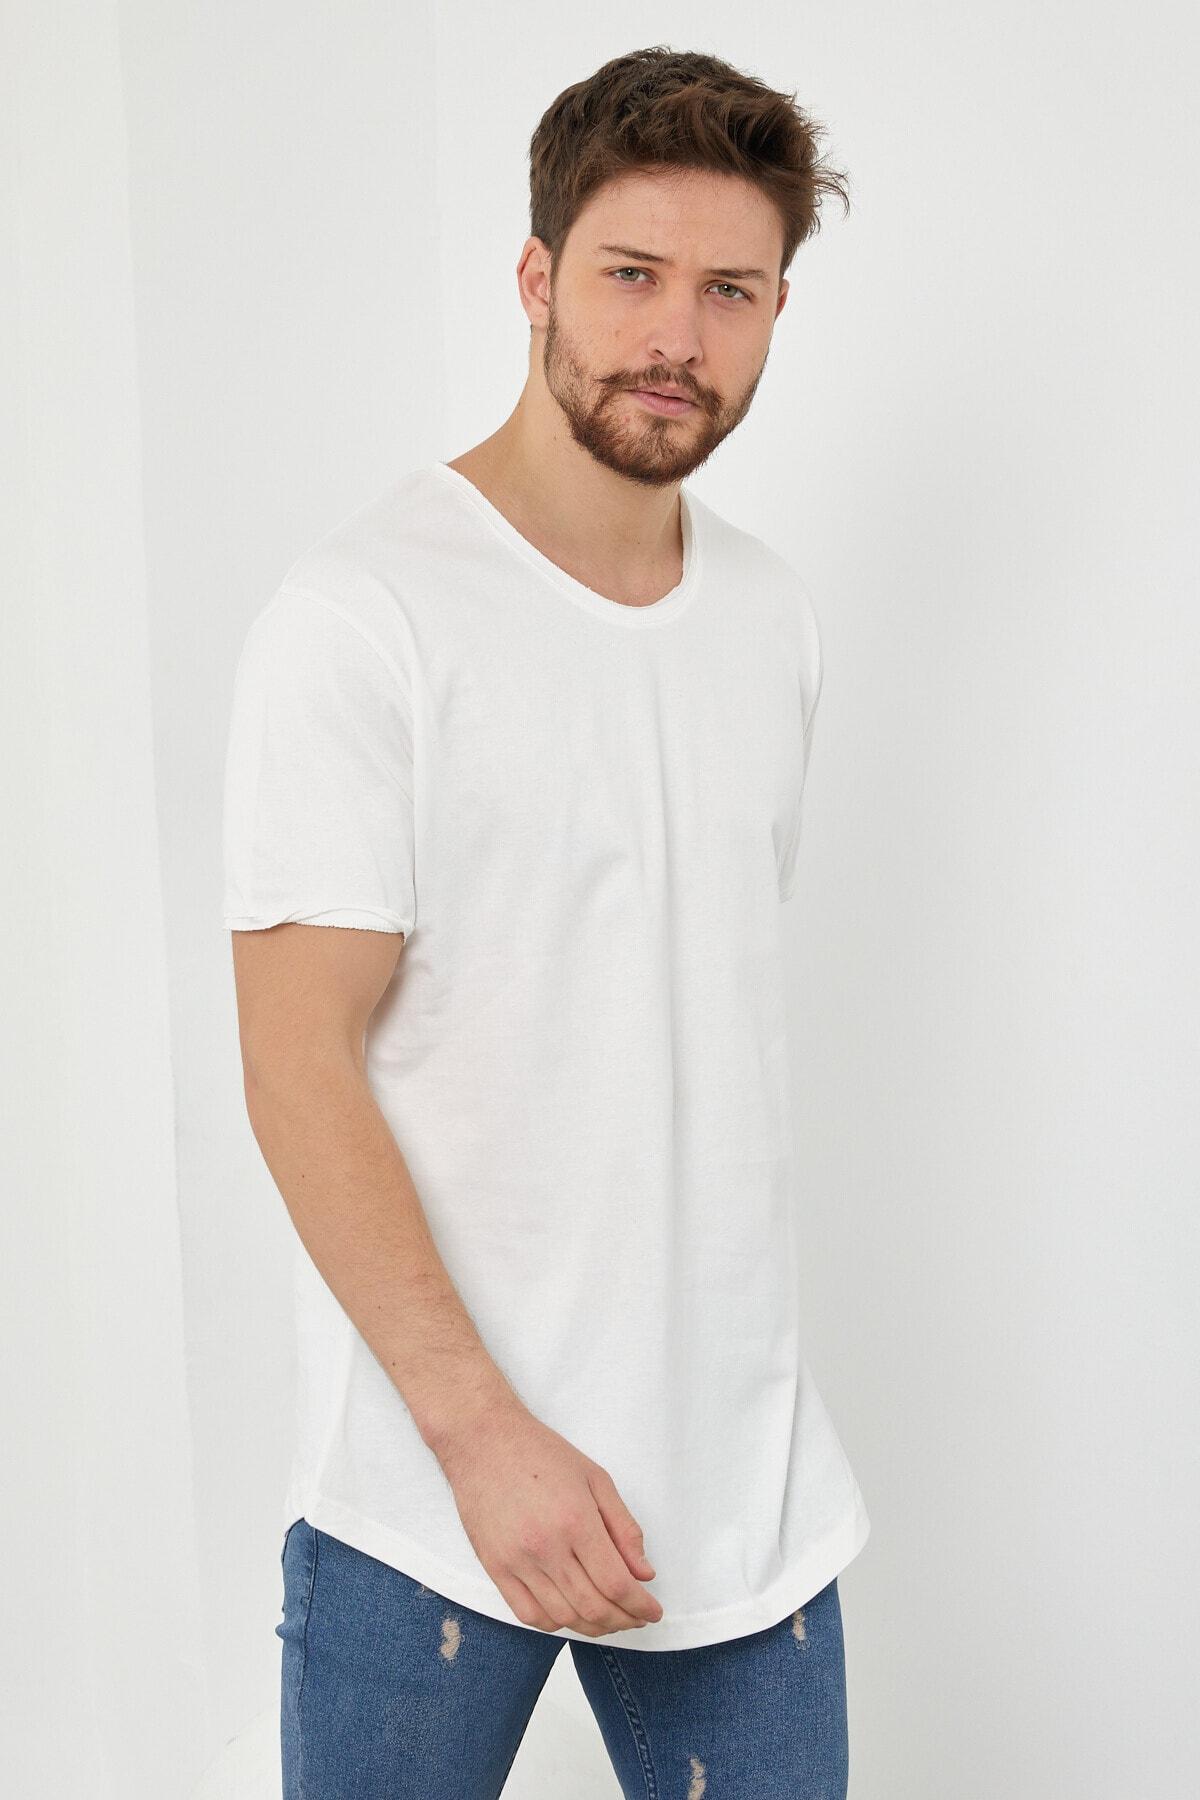 Tarz Cool Erkek Kırık Beyaz Pis Yaka Salaş T-shirt-tcps001r56s 1